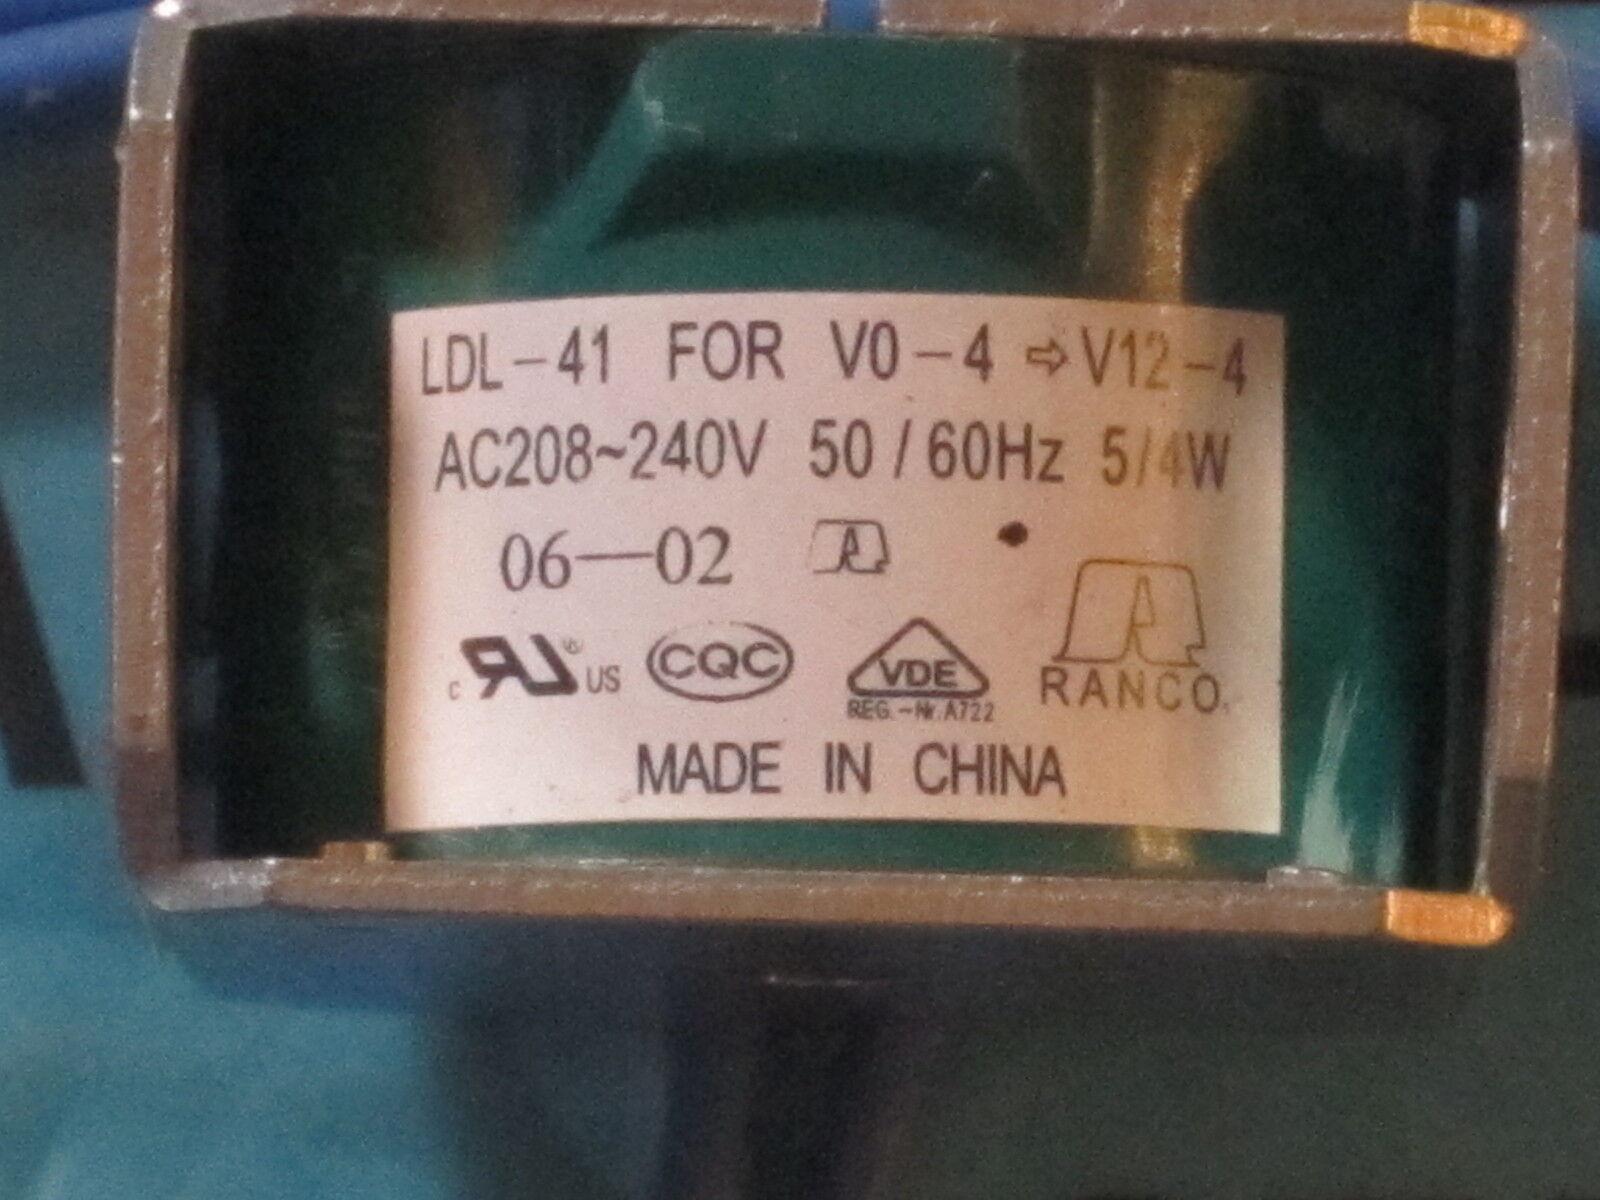 Ranco Ldl 41 Solenoid Coil For 240v V0 4 V12 Ebay Controller And Valve Set Up Norton Secured Powered By Verisign